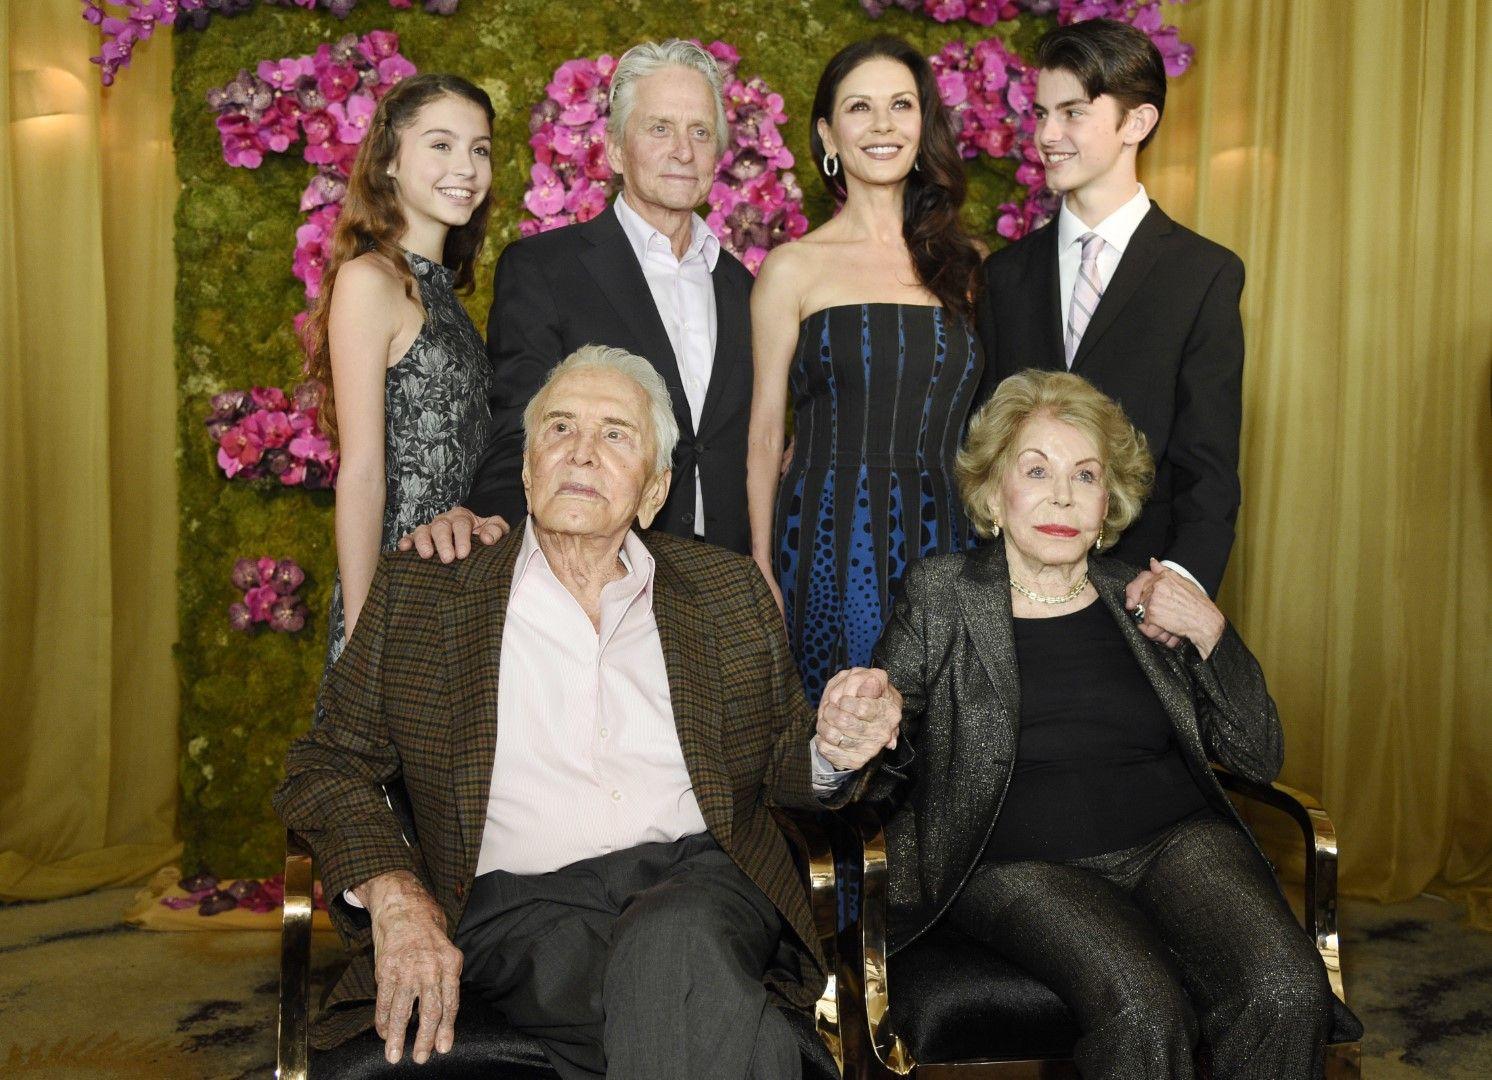 Кърк Дъглас със семейството си: Майкъл Дъглас, Катрин Зита Джоунс, Ан Дъглас, Кери Зита Дъглас и Дилан Дъглас - 9 декември 2016 г.